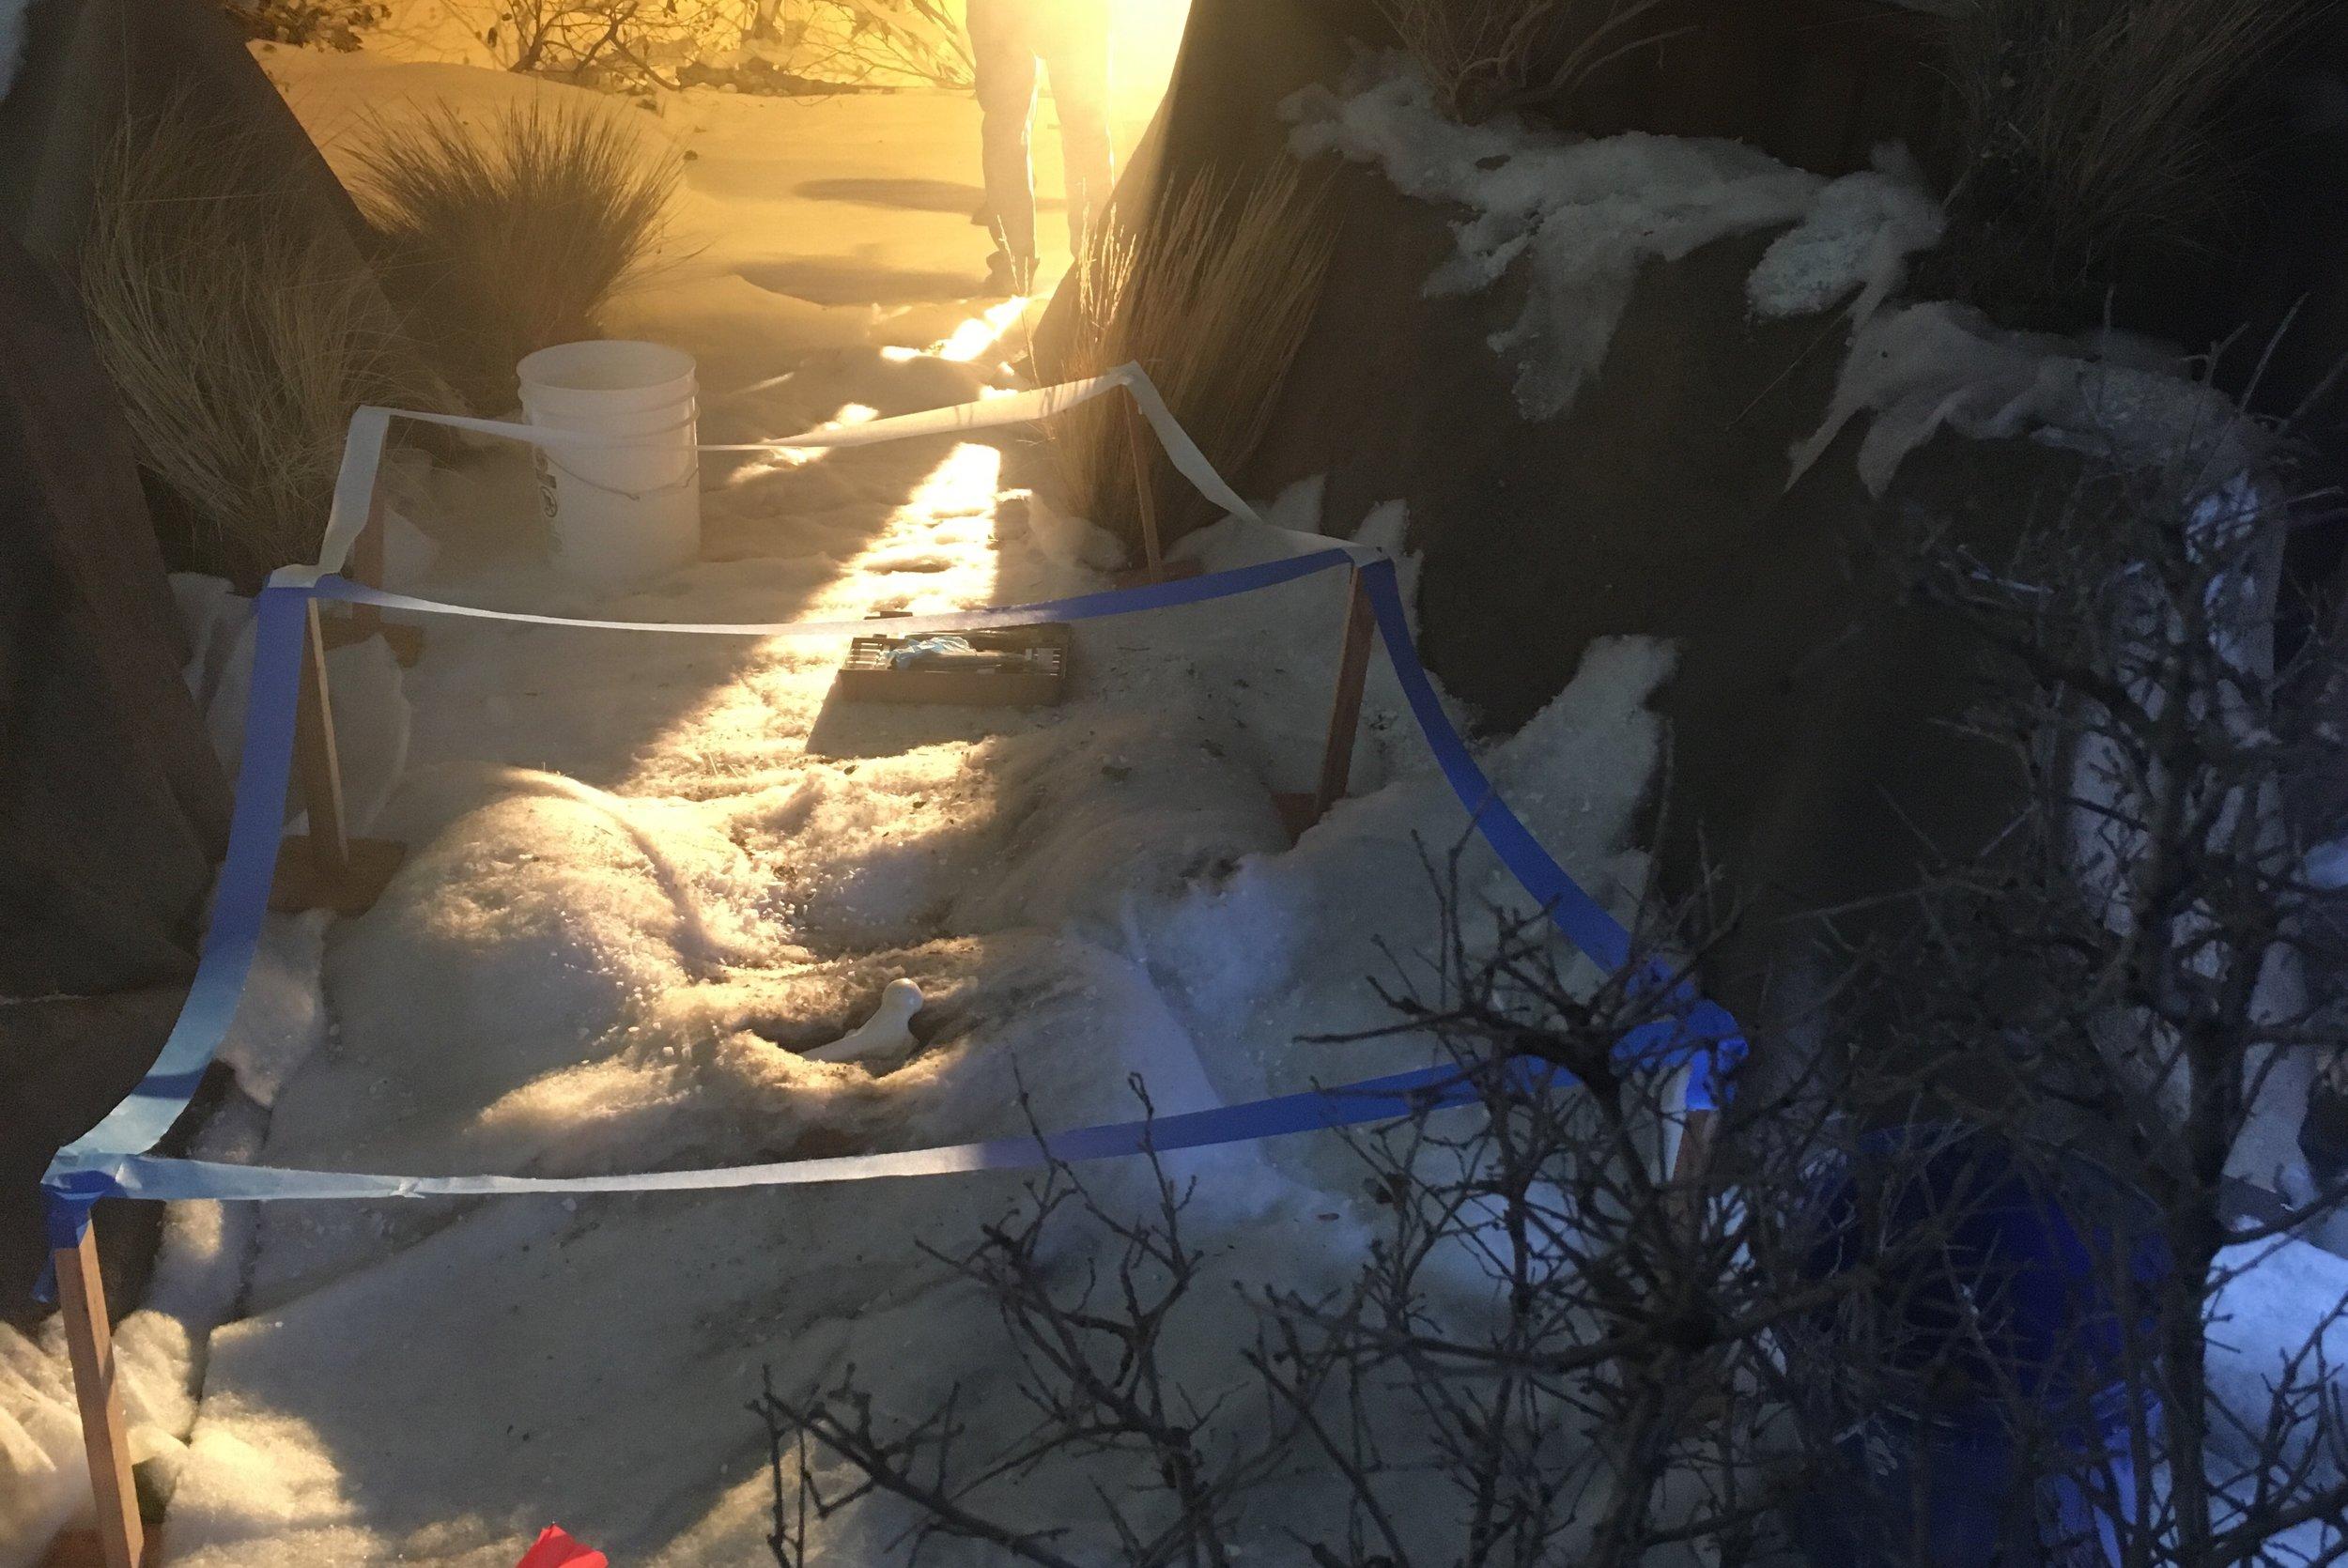 more crime scene snow